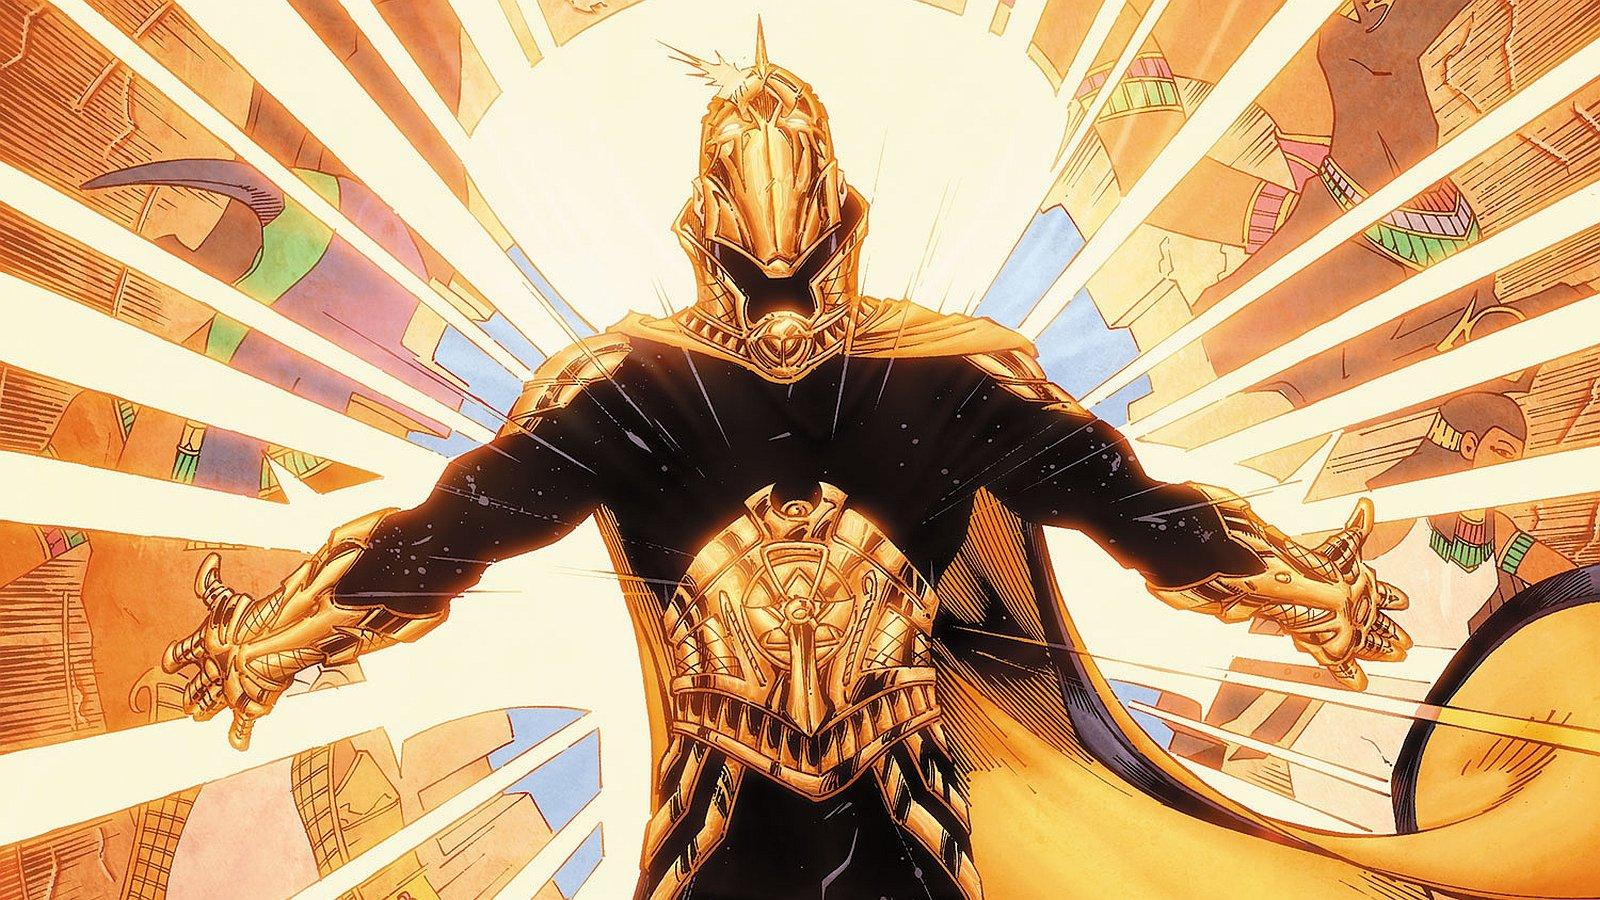 Супергерои комиксов, которые заслуживают собственных экранизаций. - Изображение 2